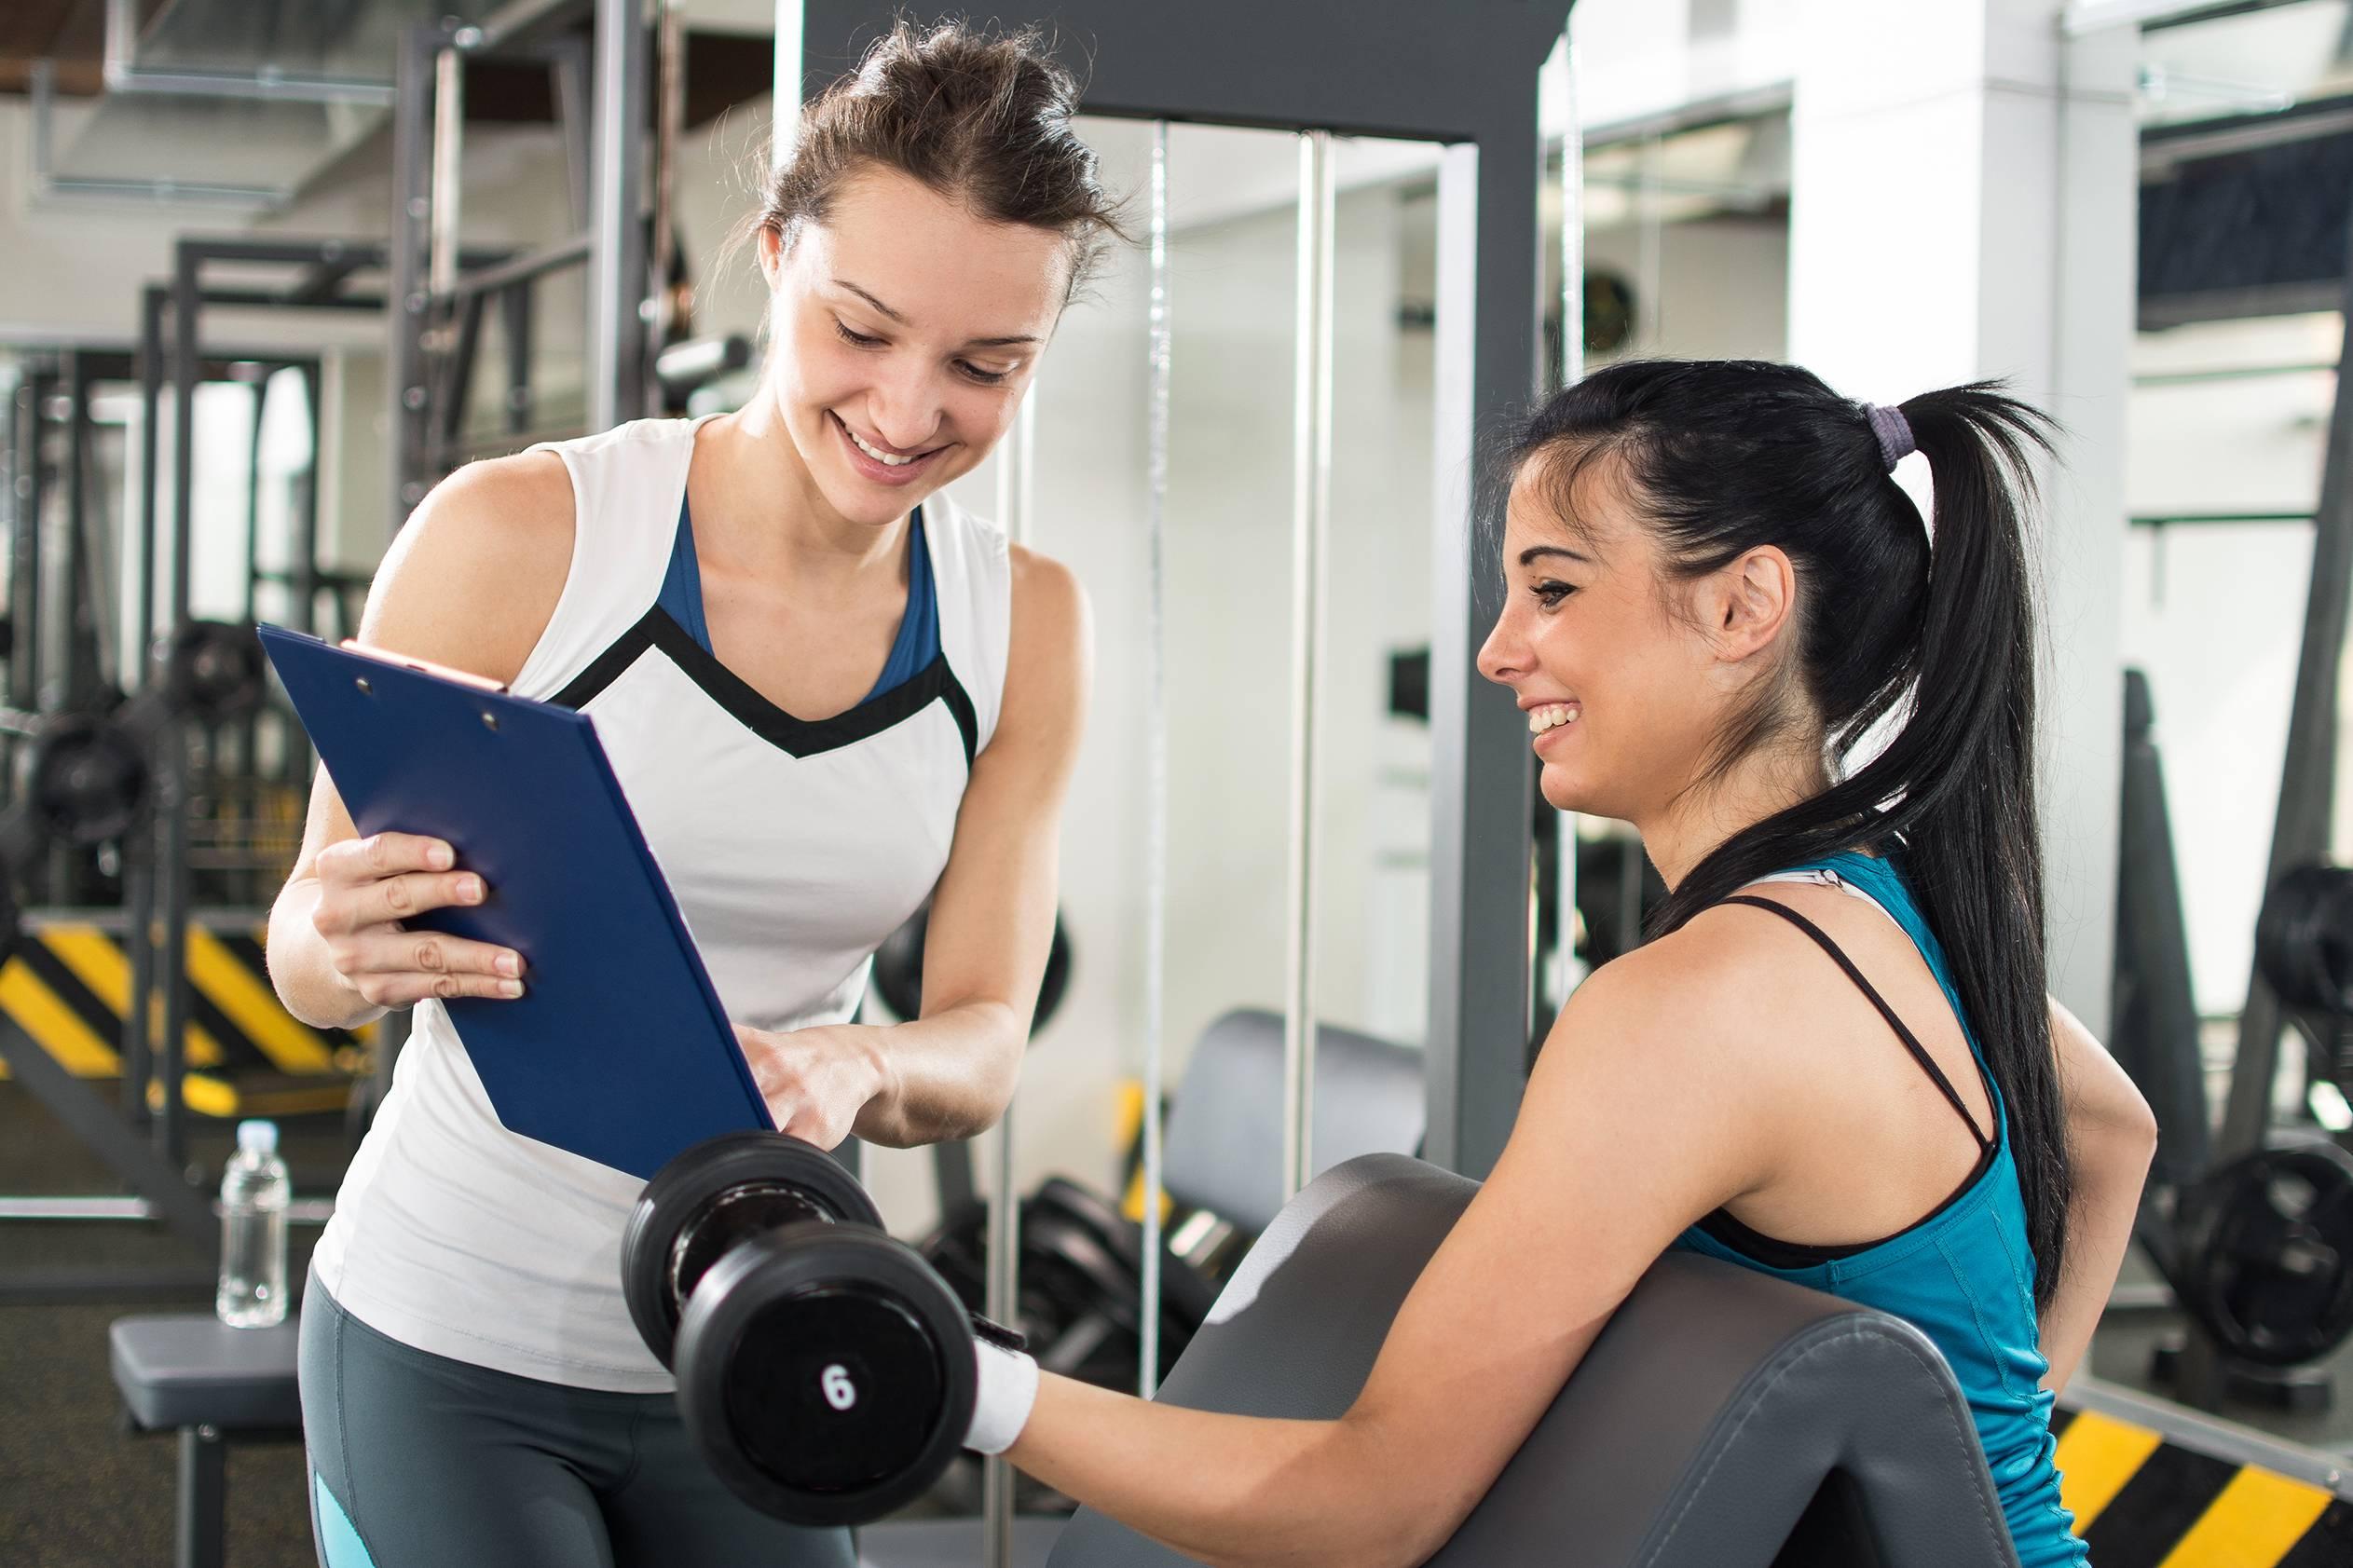 Как правильно составить программу тренировок в тренажерном зале самостоятельно